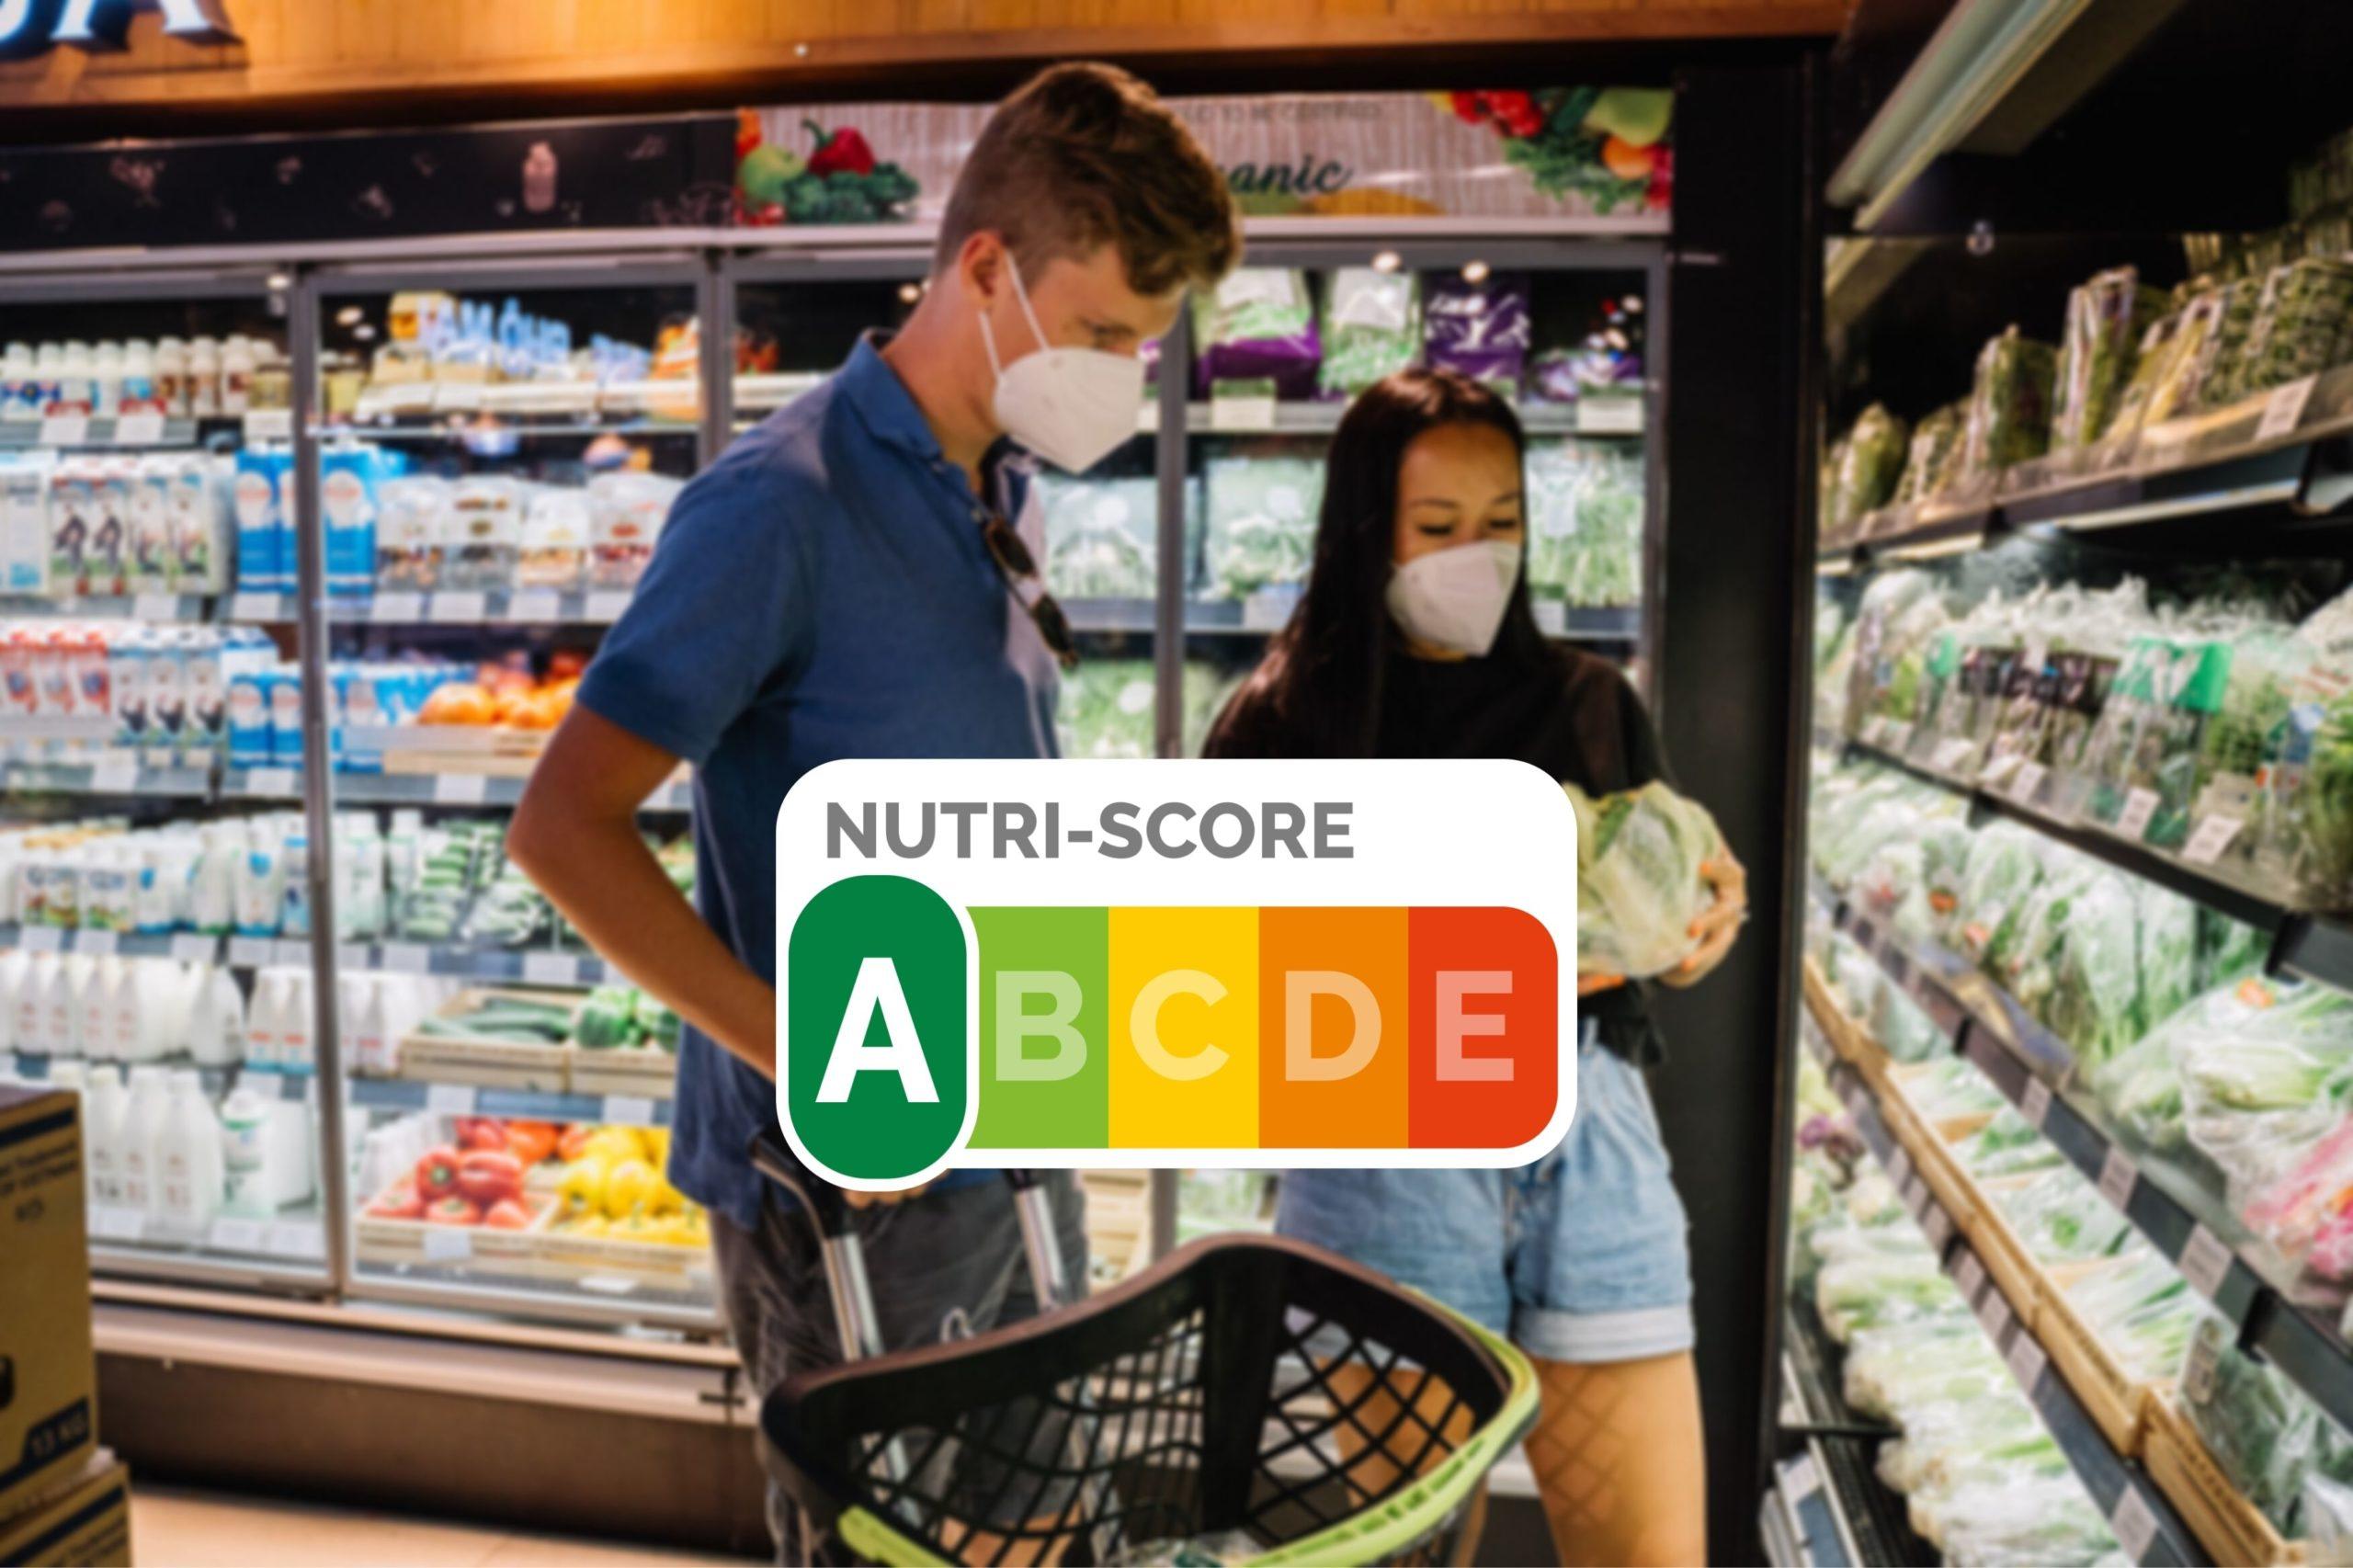 Le Nutri-score est un indicateur nutritionnel utile pour le consommateur.